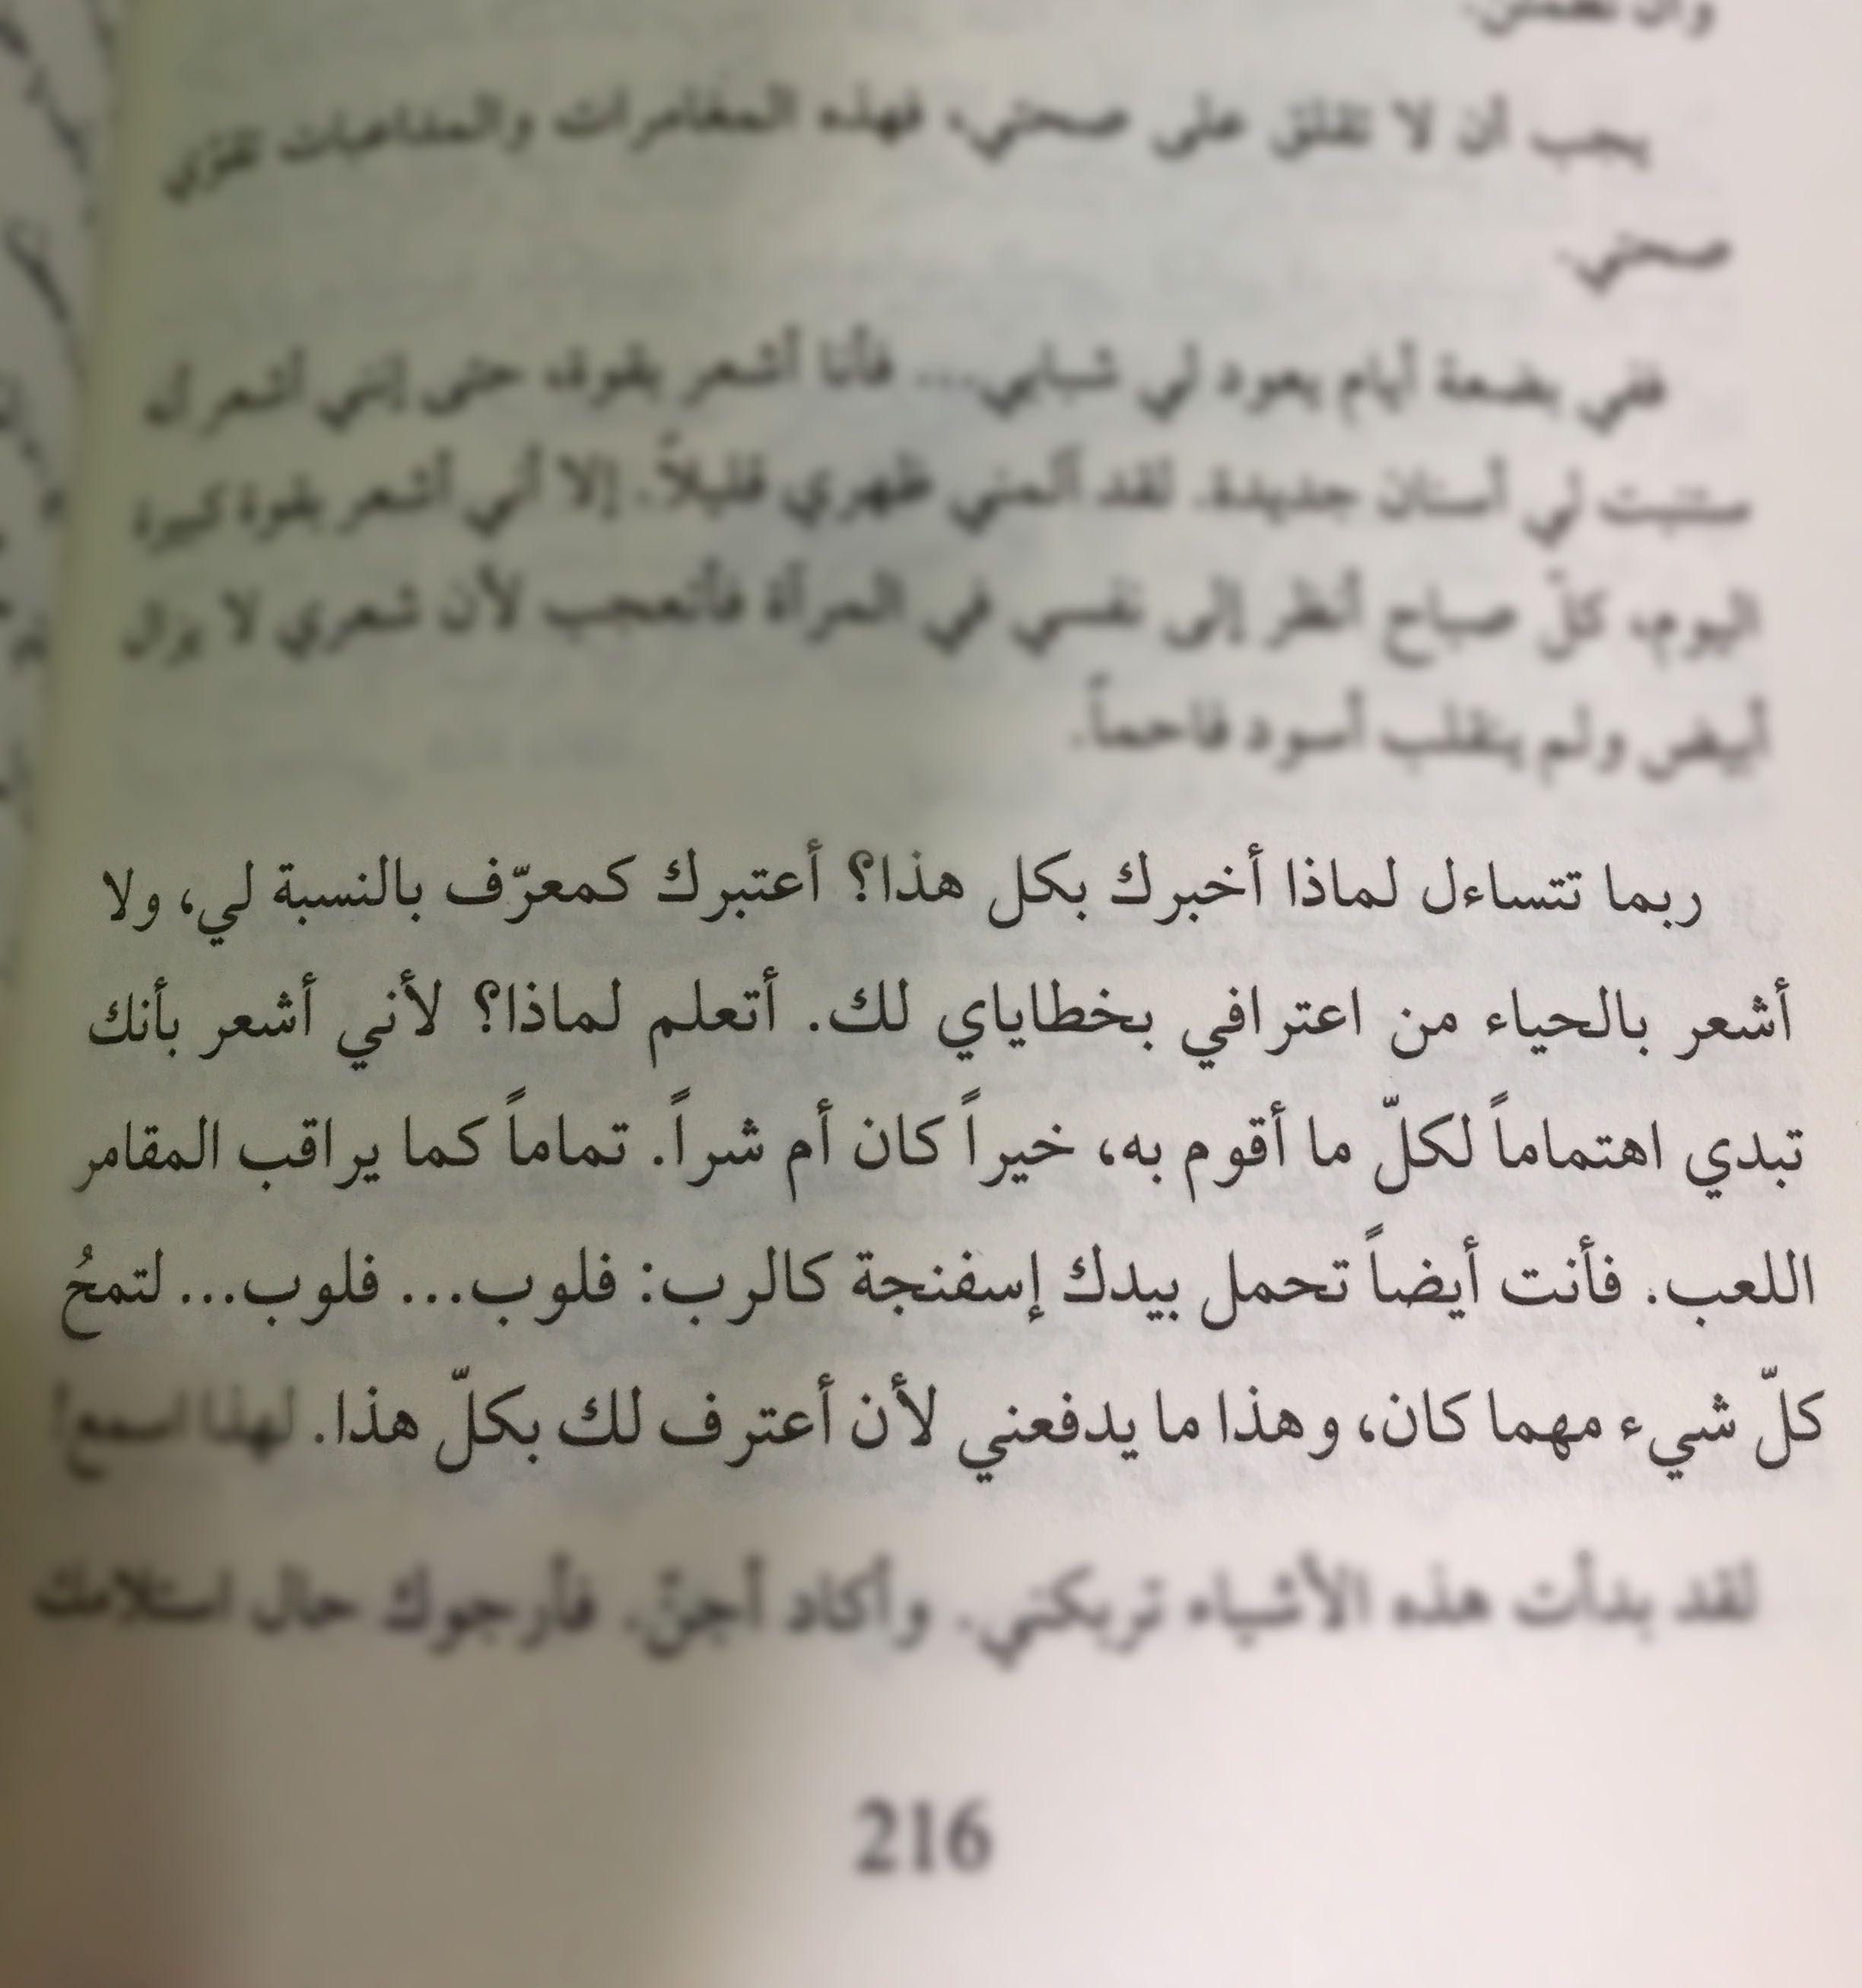 زوربا نيكوس كازنتزاكيس ترجمة احمد بلسعيد للطلبات للتوصيل داخل لبنان 76096146 للتوصيل داخل العراق 07826023635 078118984 Math Sheet Music Math Equations